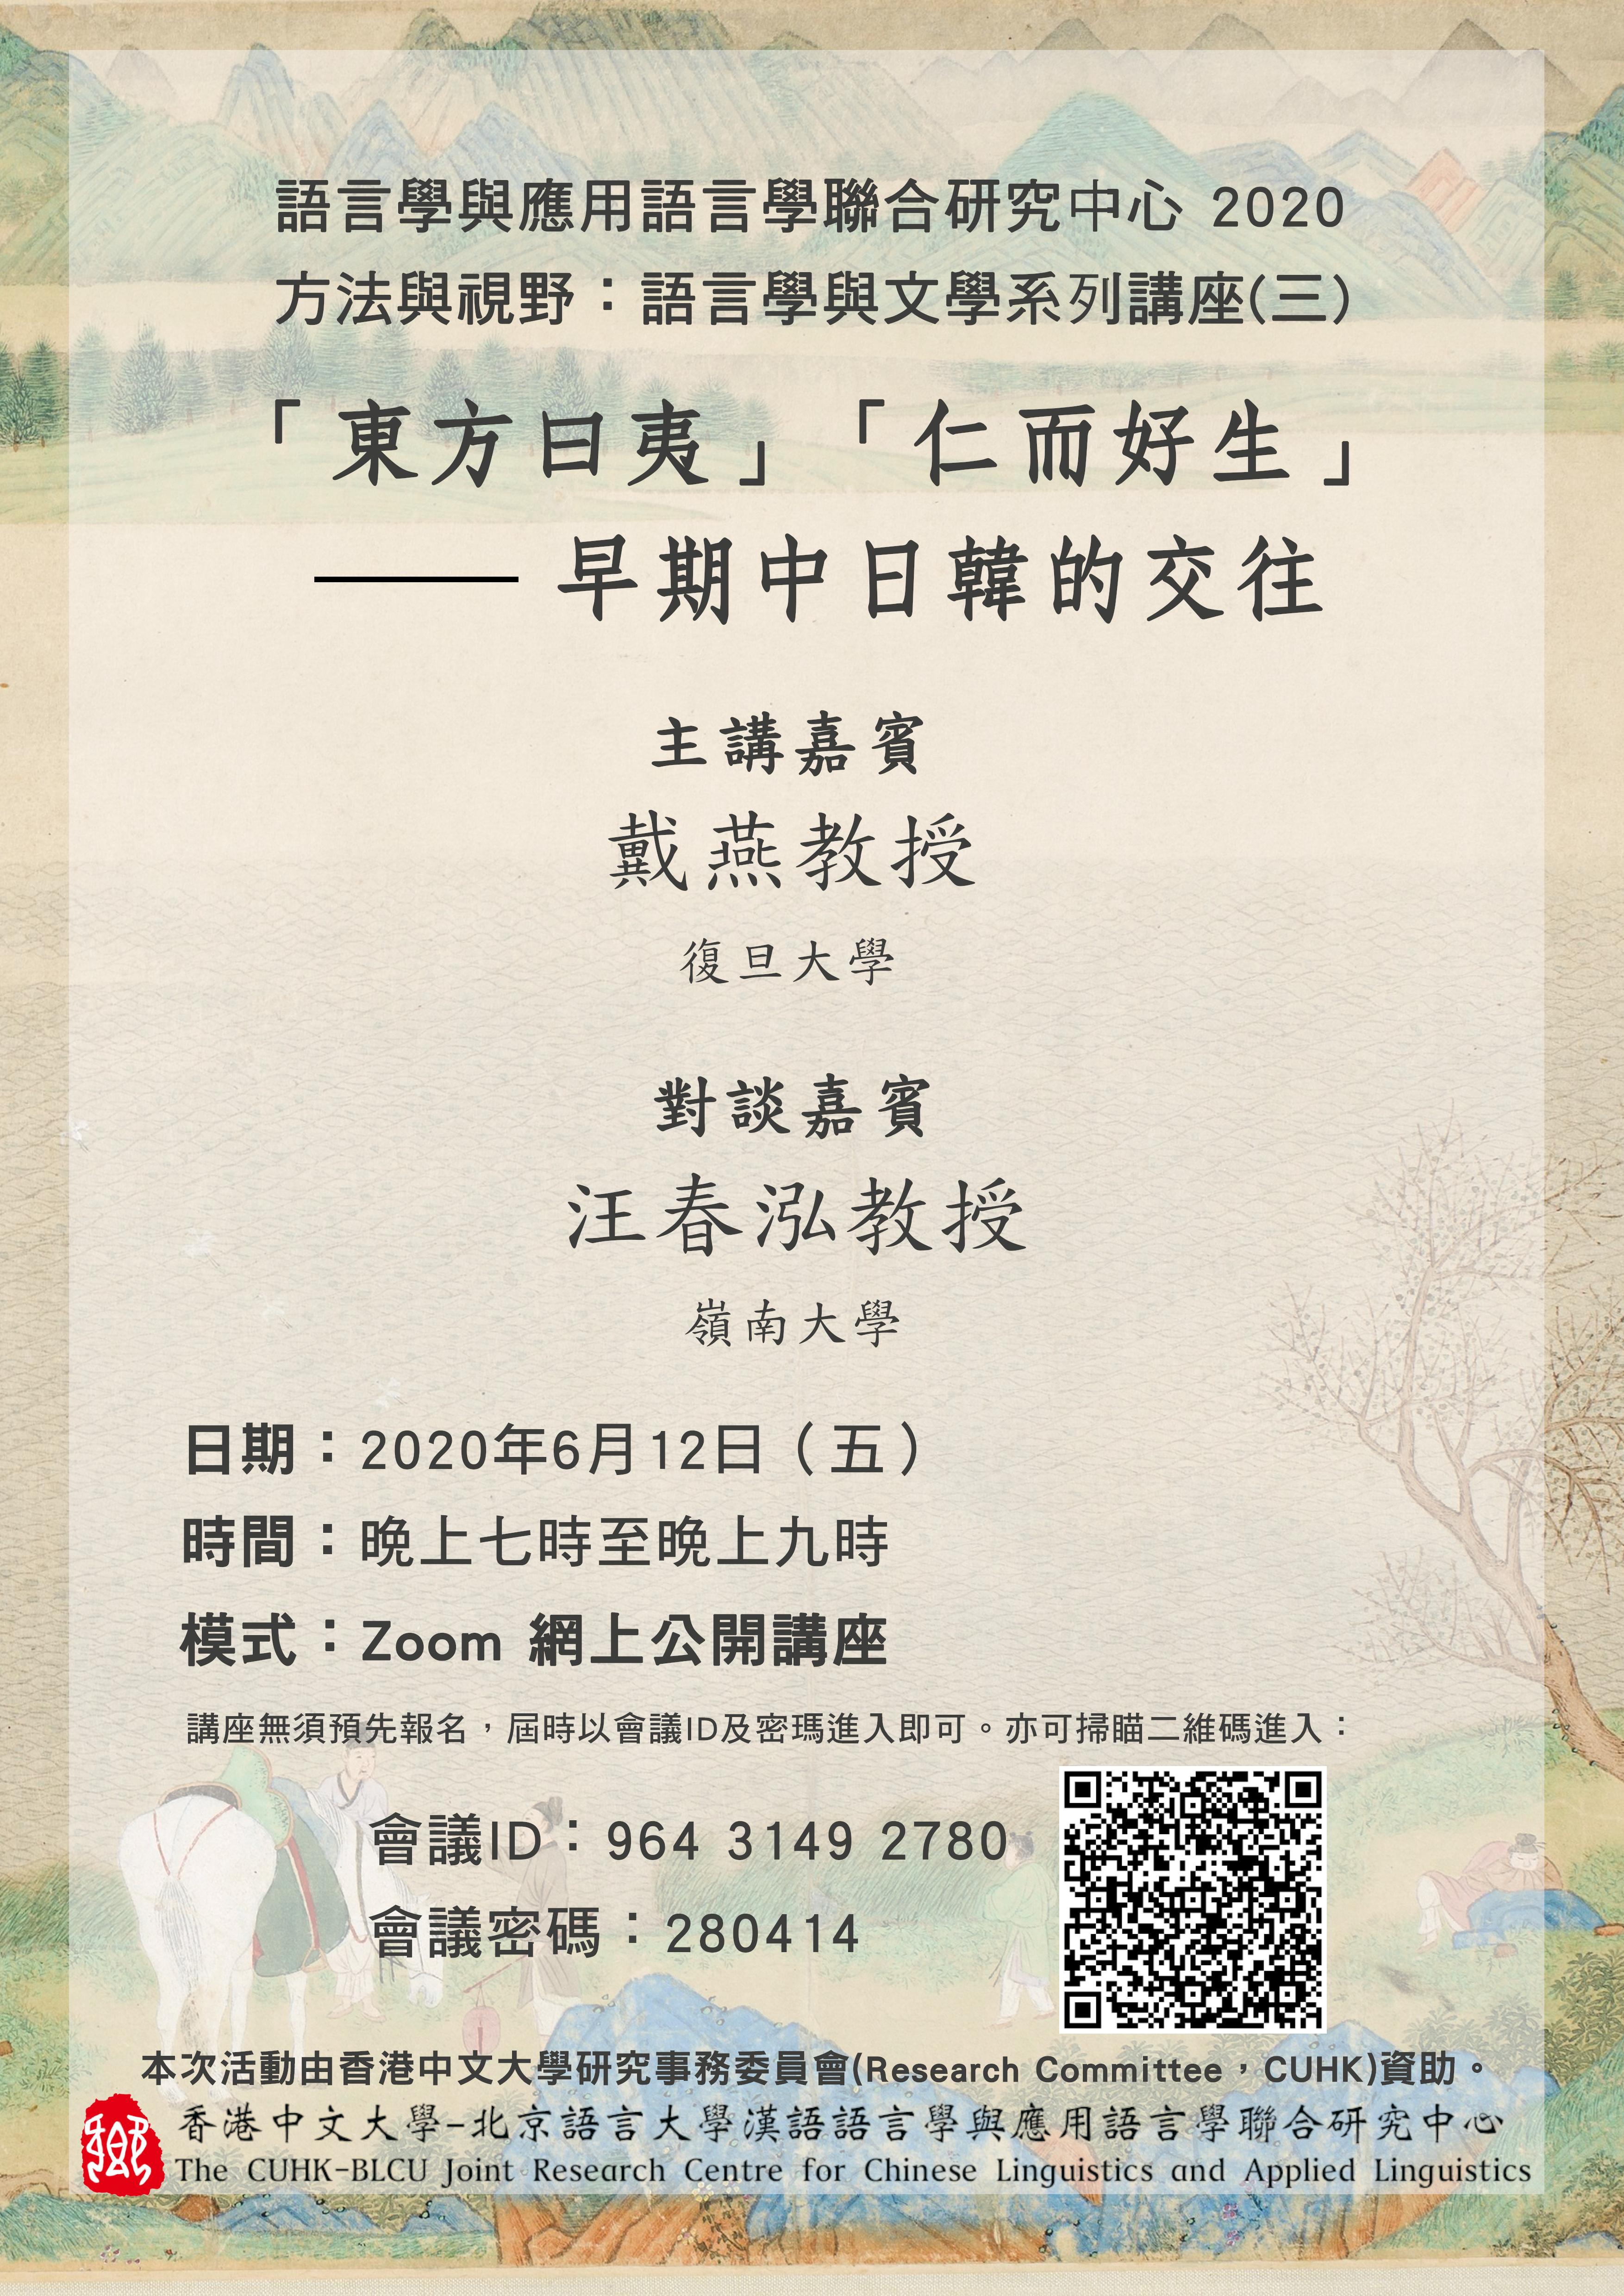 Prof. Dai & Wang